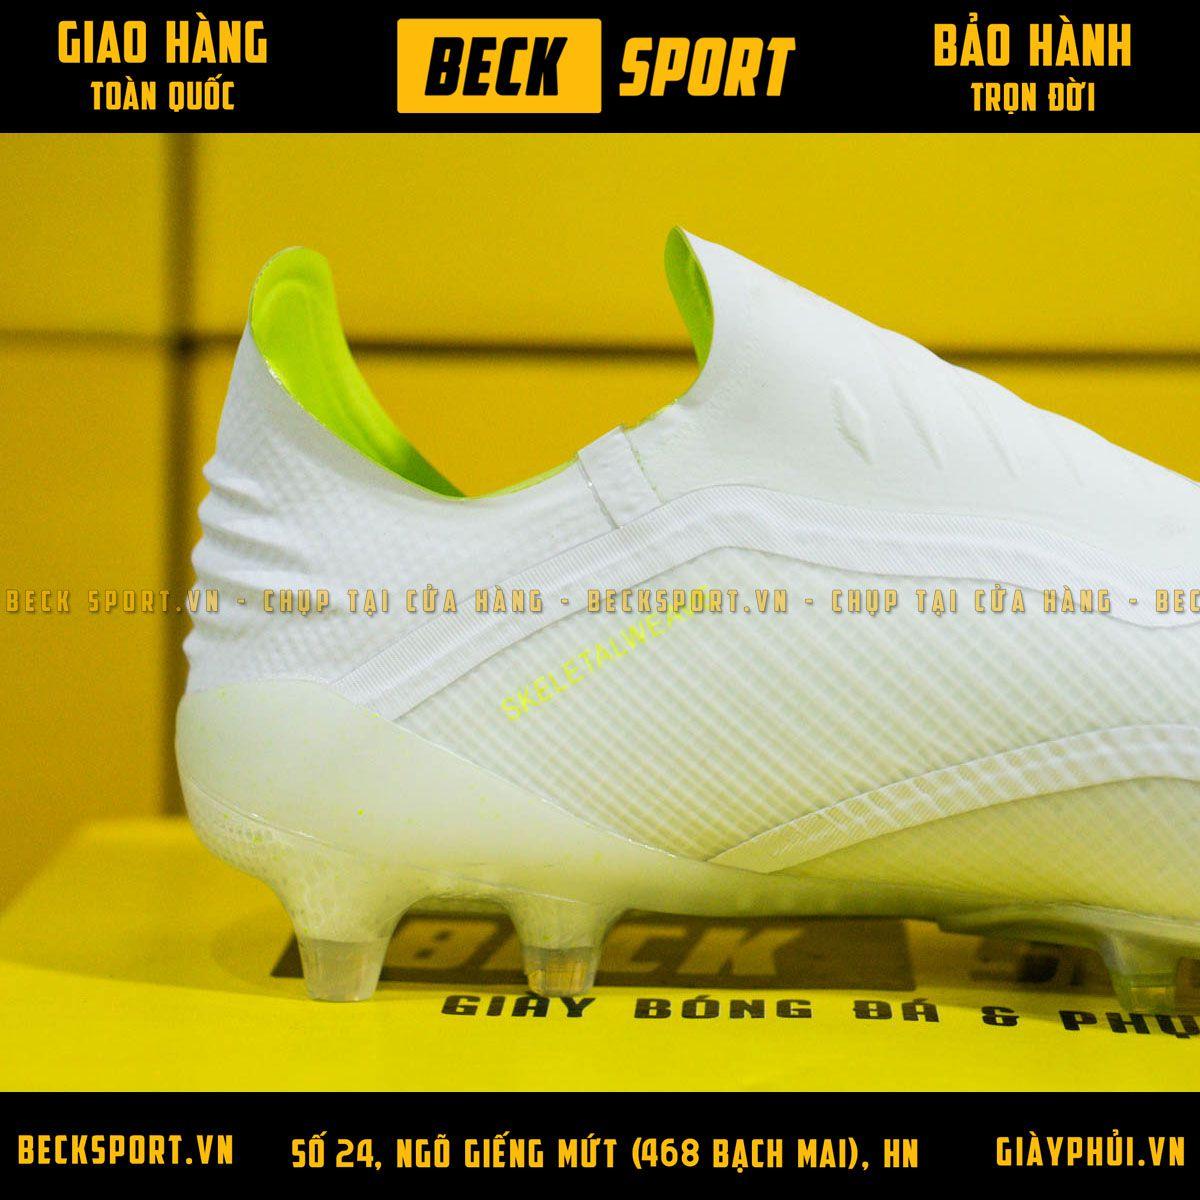 Giày Bóng Đá Adidas X 18+ Trắng Vạch Nõn Chuối Không Dây FG